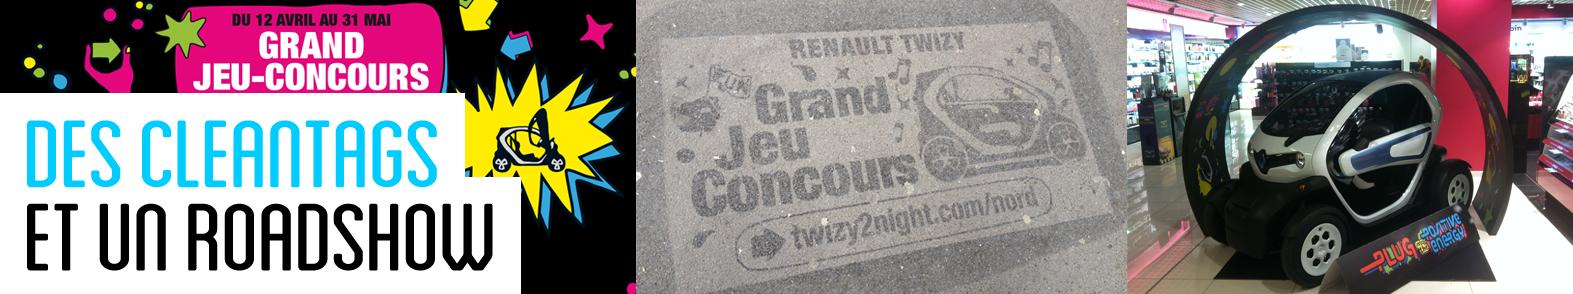 llllitl-renault-twizy-publicité-campagne-publicitaire-cathy-david-guetta-renaut-z-e-électrique-publicis-conseil-activ-lille-4